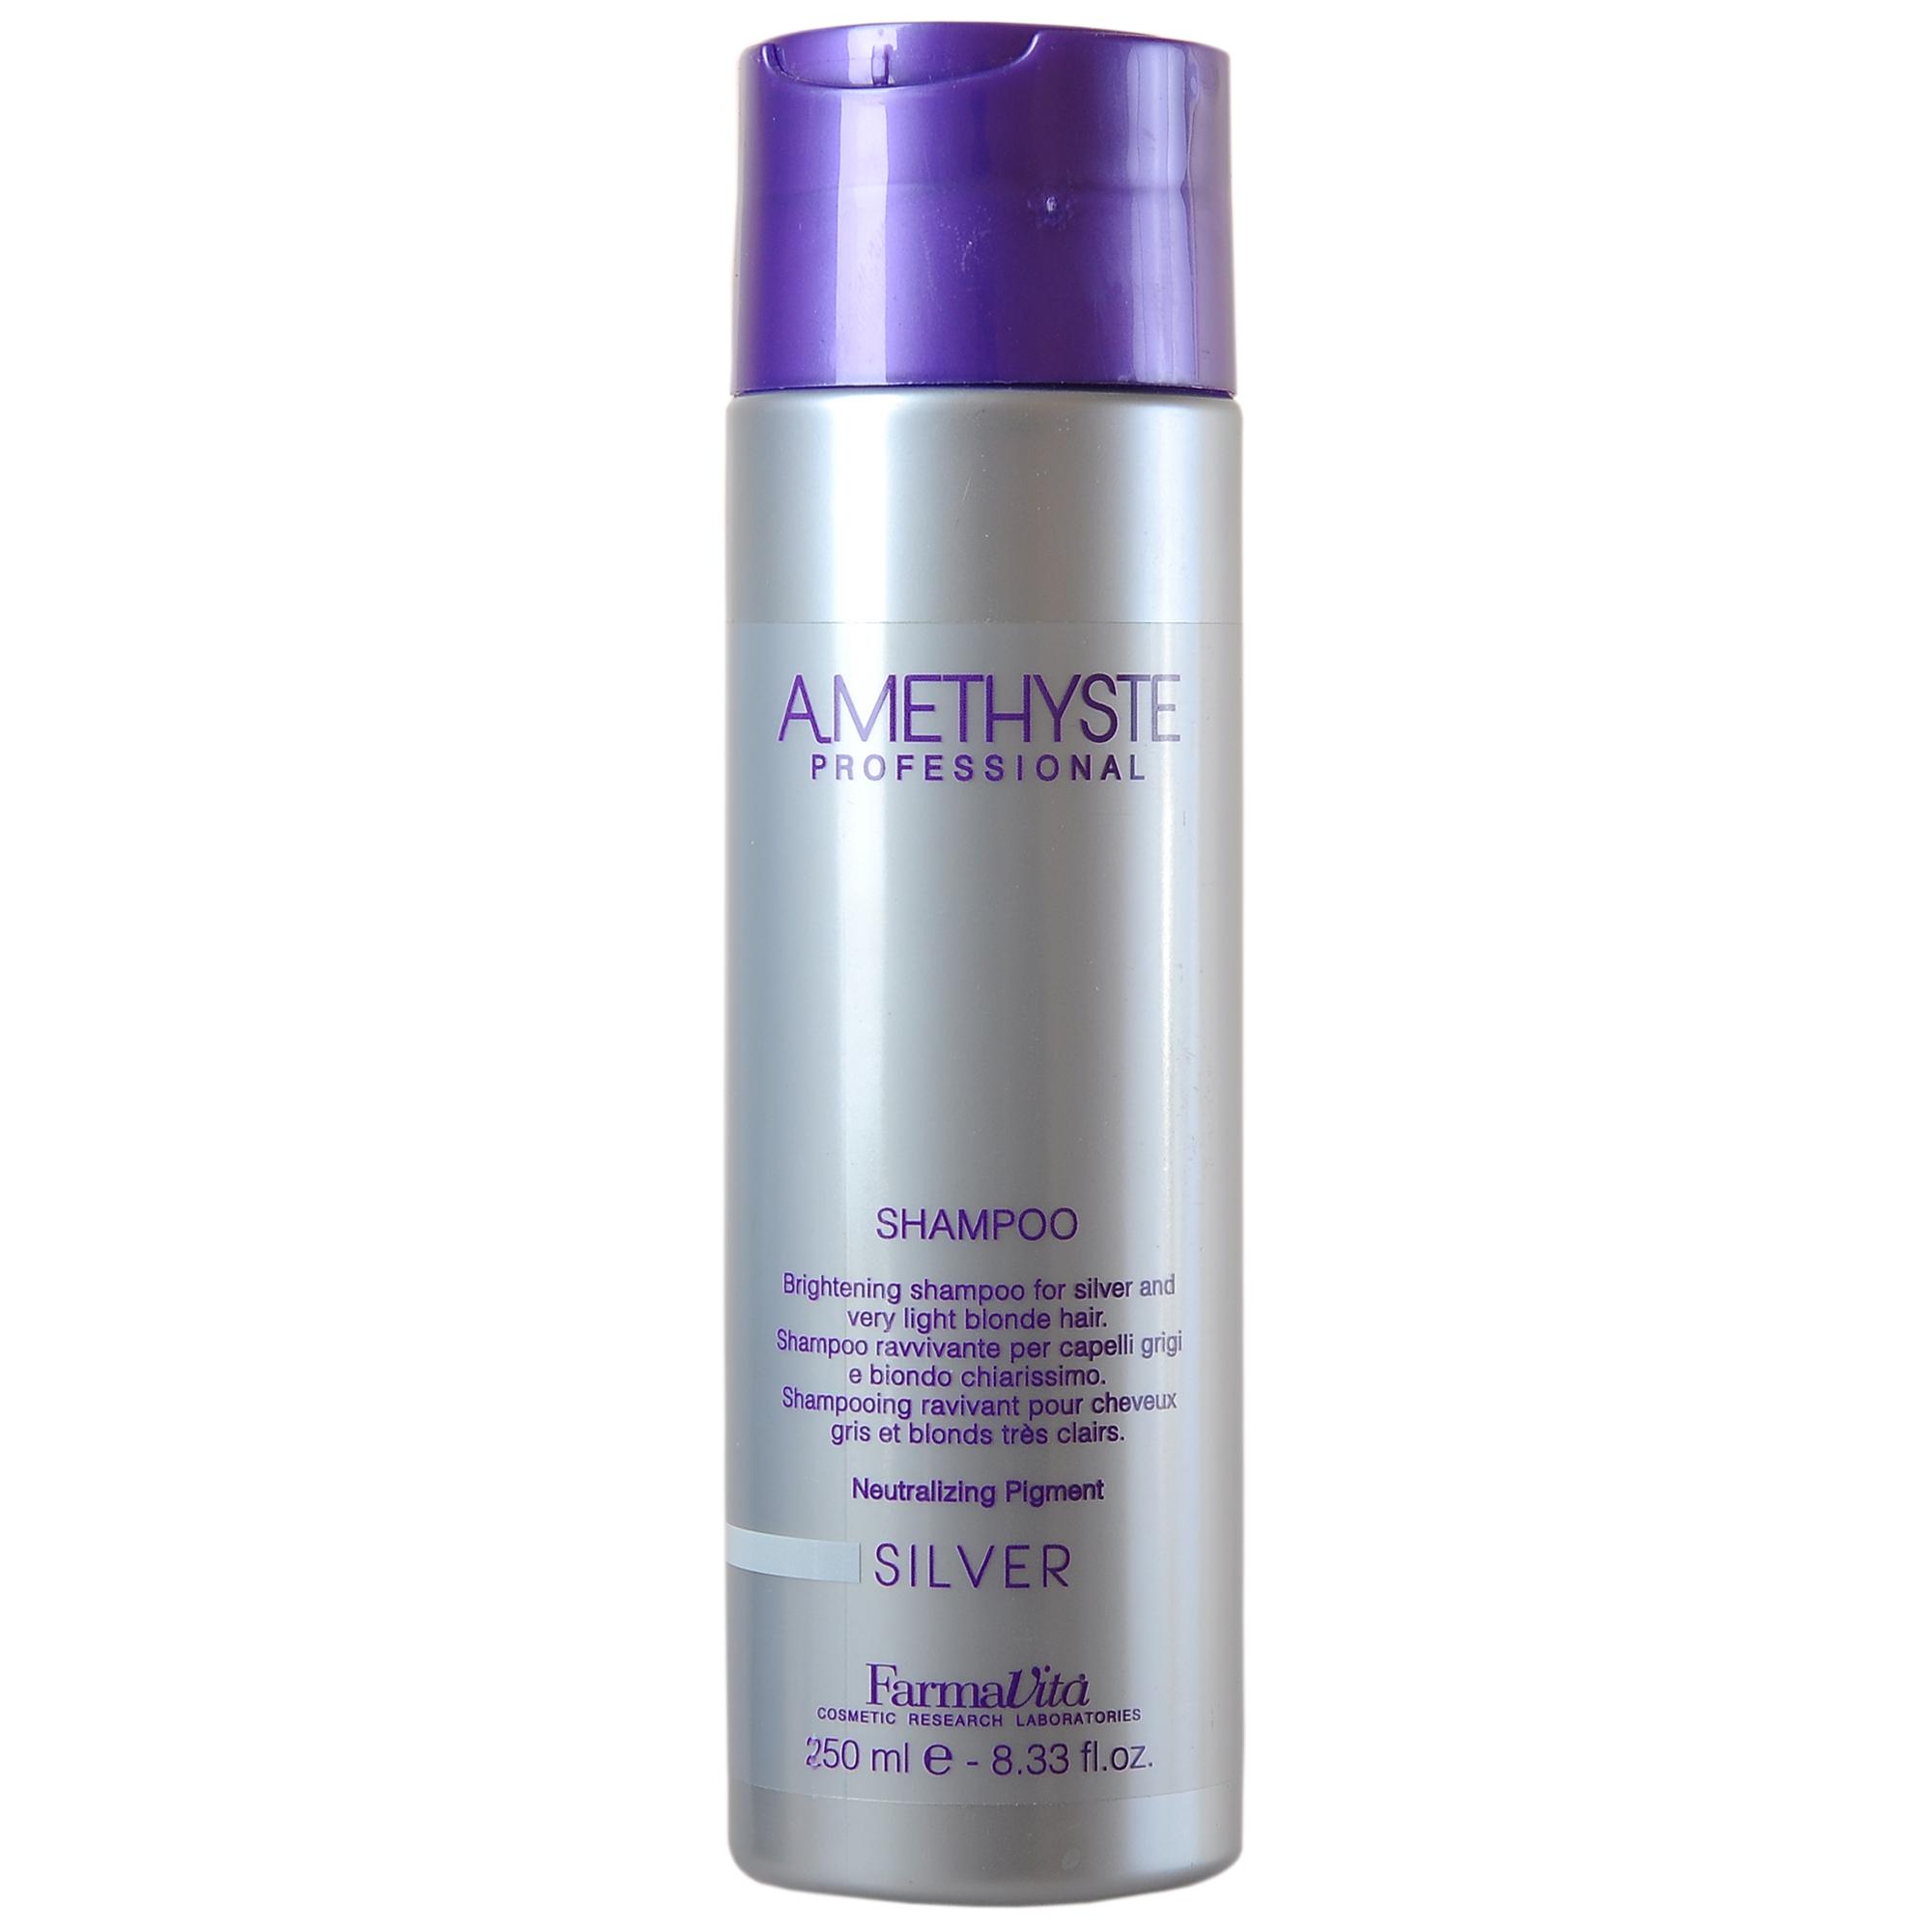 FARMAVITA Шампунь для светлых и седых волос Amethyste silver shampoo / AMETHYSTE PROFESSIONAL 250 млШампуни<br>Оттеночный шампунь для седых и светлых волос. Мягко очищает волосы и нейтрализует желтый оттенок. Придает яркий блеск и подчеркивает осветленные пряди. Нейтрализация пигмента. Анти-желтые пигменты уменьшают нежелательные желтые оттенки на предварительно осветленных, седых и затонированных волосах. Преимущества использования в комбинации: ШАМПУНЬ VOLUME + КОНДИЦИОНЕР VOLUME: 1.Придает объем; 2.Делает послушными и шелковистыми спутанные и сухие волосы; 3.Обеспечивает термозащиту; 4.Придает волосам естественный блеск. Активные ингредиенты: антижелтые пигменты - уменьшают нежелательные желтые оттенки, предварительно осветленных, тонированных светлых и седых волос. Способ применения: равномерно нанести шампунь Аметист Сильвер на влажные волосы и кожу головы. При использовании после процедуры окрашивания следует предварительно смыть краску. Шампунь вспенить, распределить по волосам аккуратными массажными движениями, смыть. При необходимости процедуру повторить.<br><br>Цвет: Блонд<br>Объем: 250 мл<br>Вид средства для волос: Оттеночный